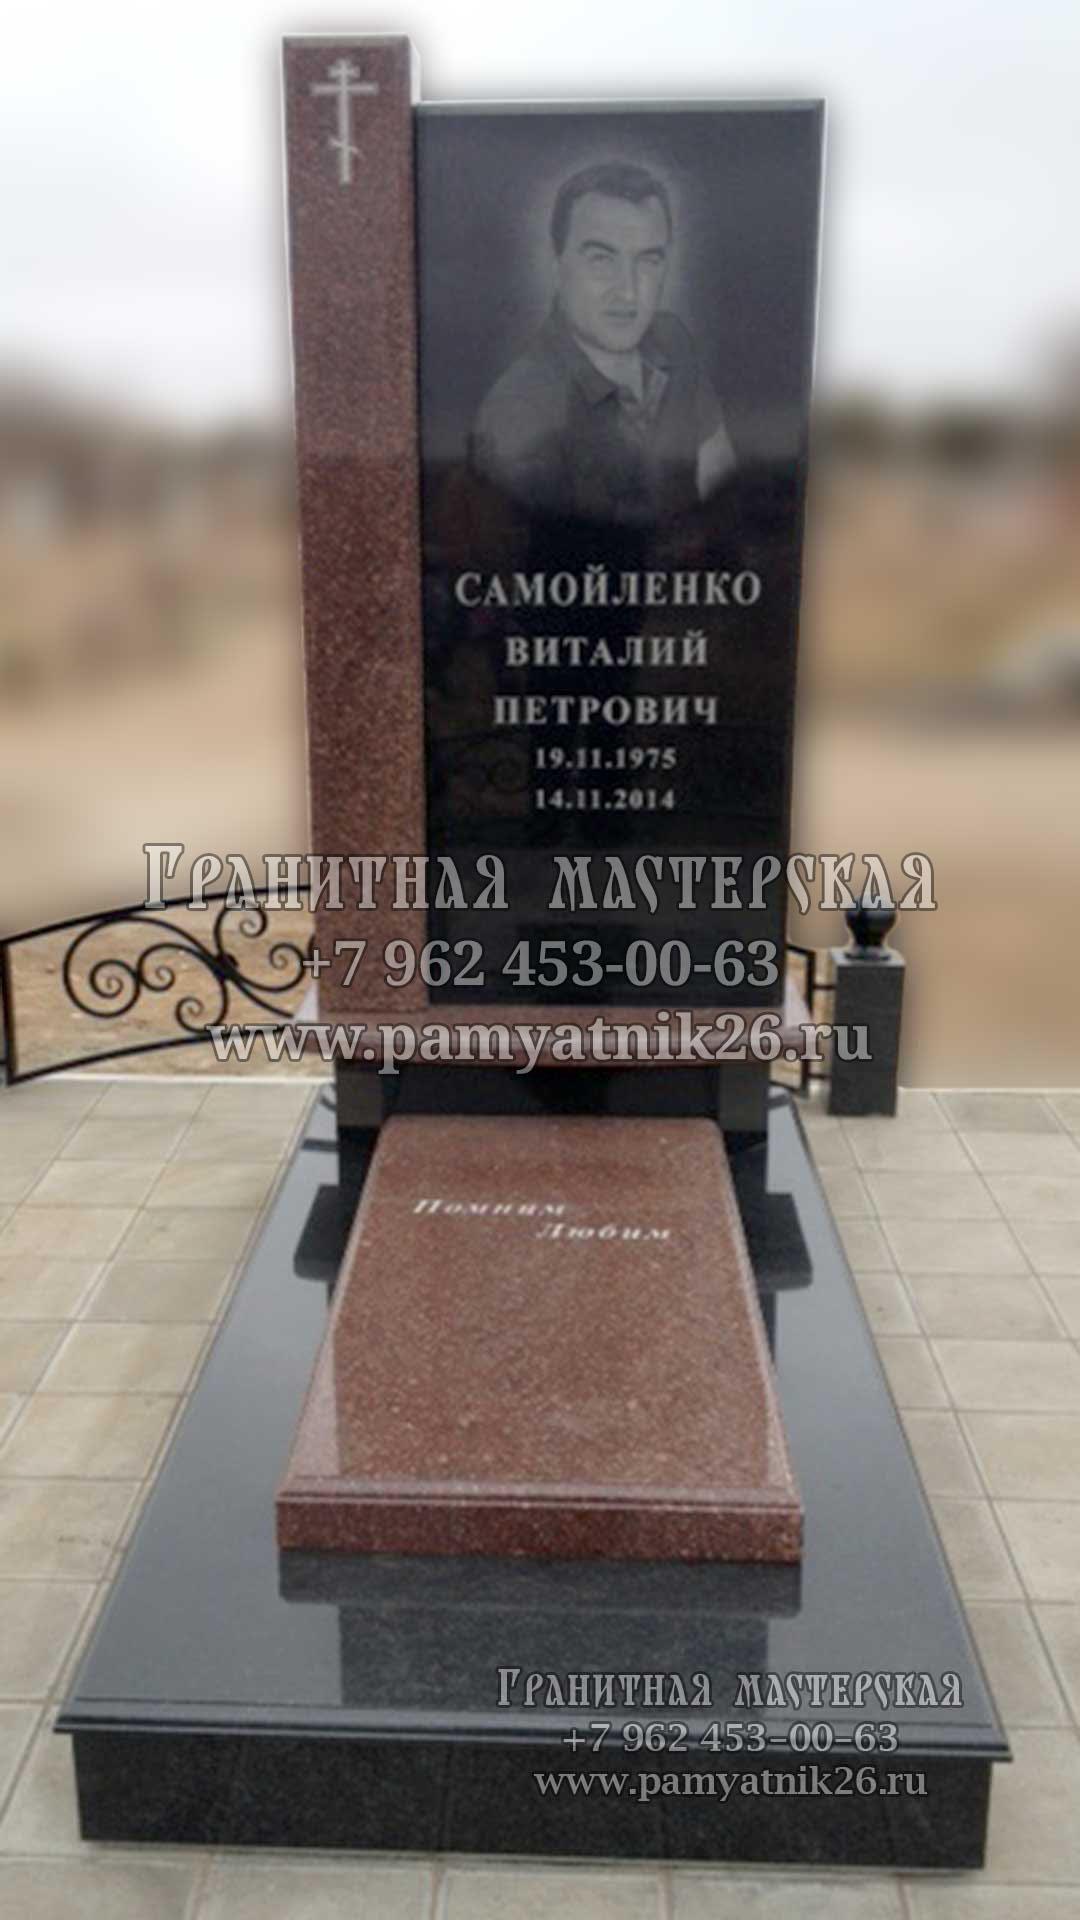 Памятники из гранита каталог фото ставрополь купить памятники новосибирск гранита